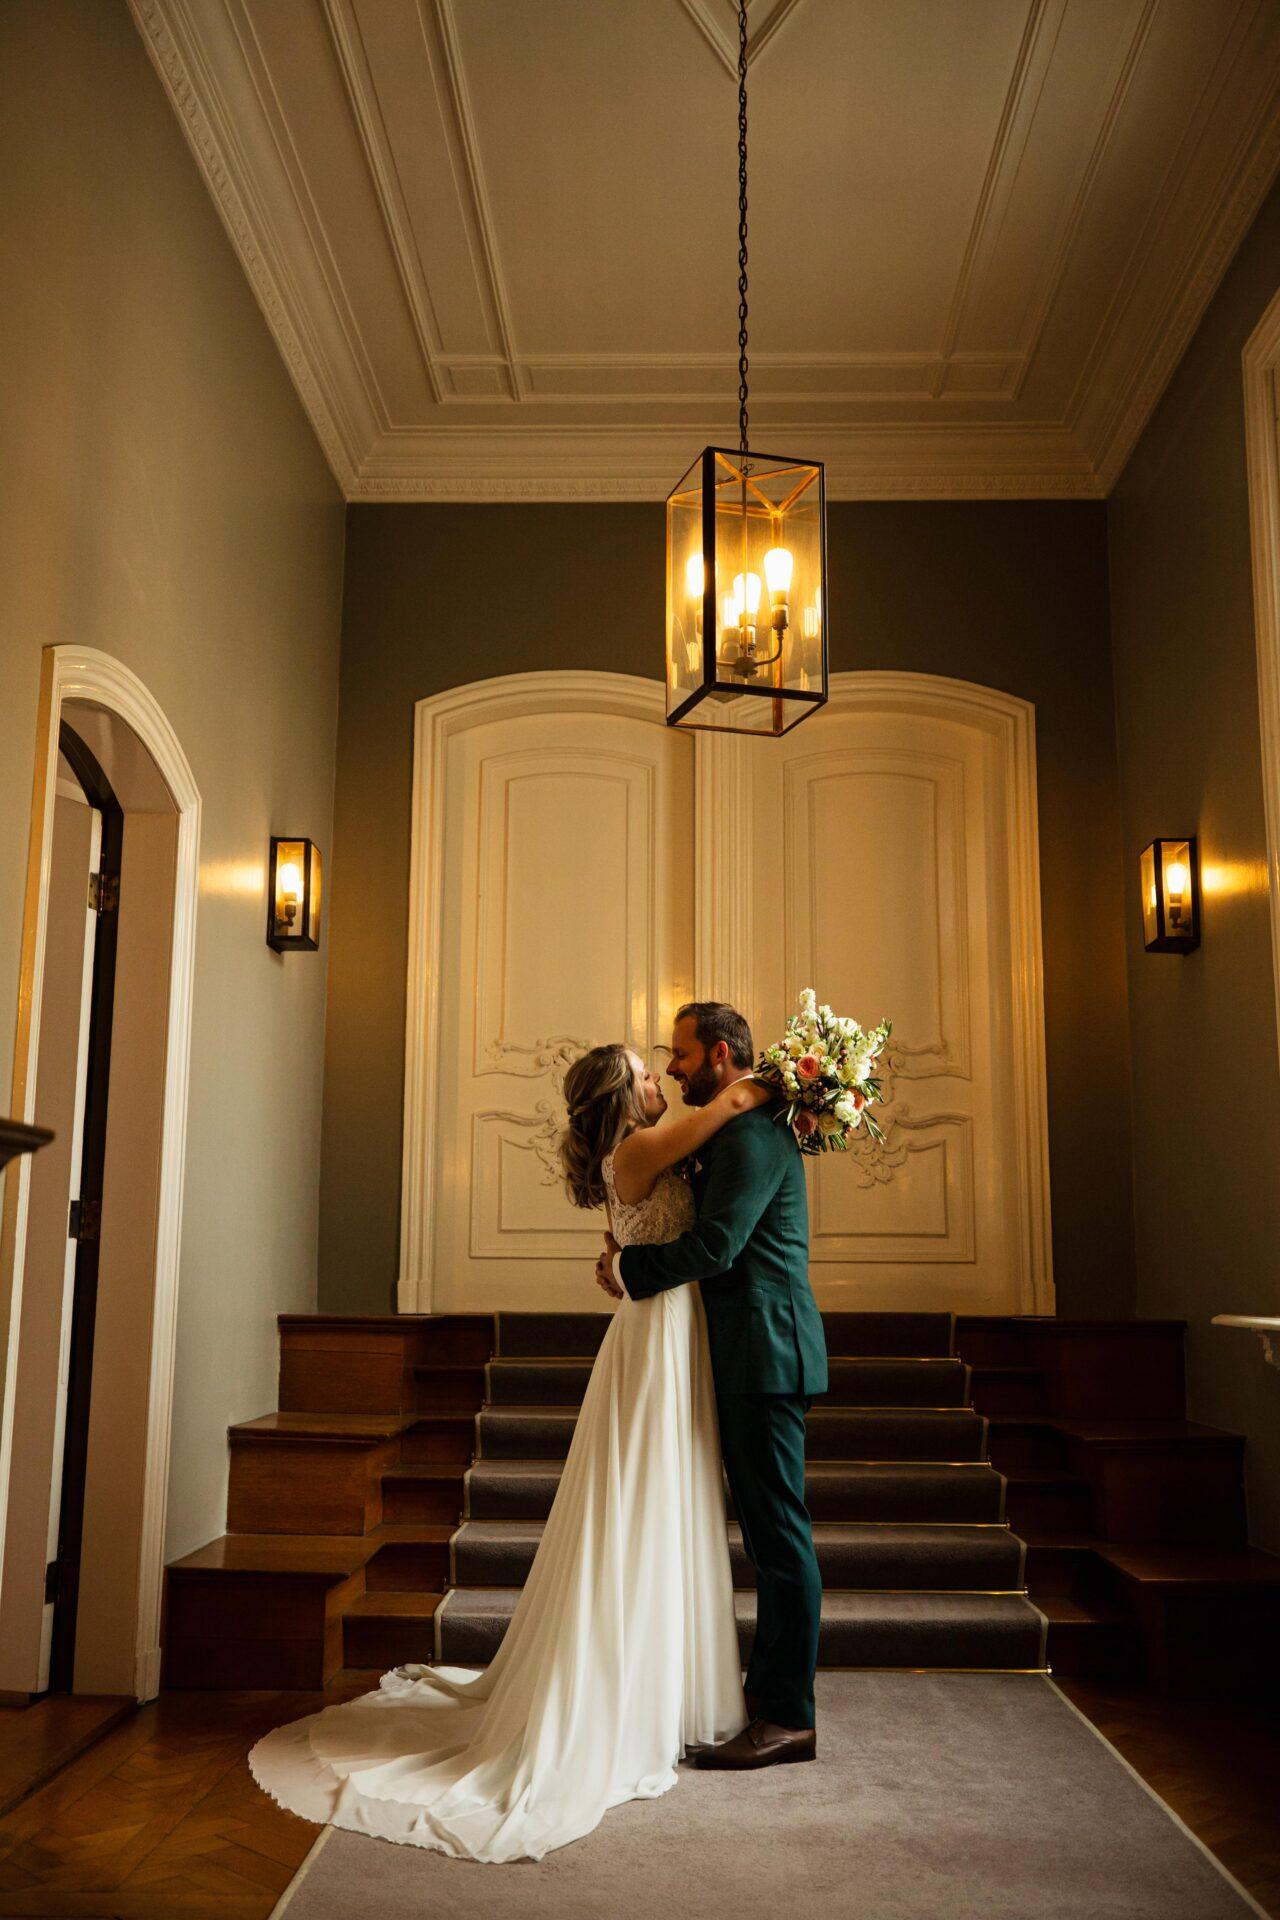 Bruidsfotograaf De Salentein Nijkerk